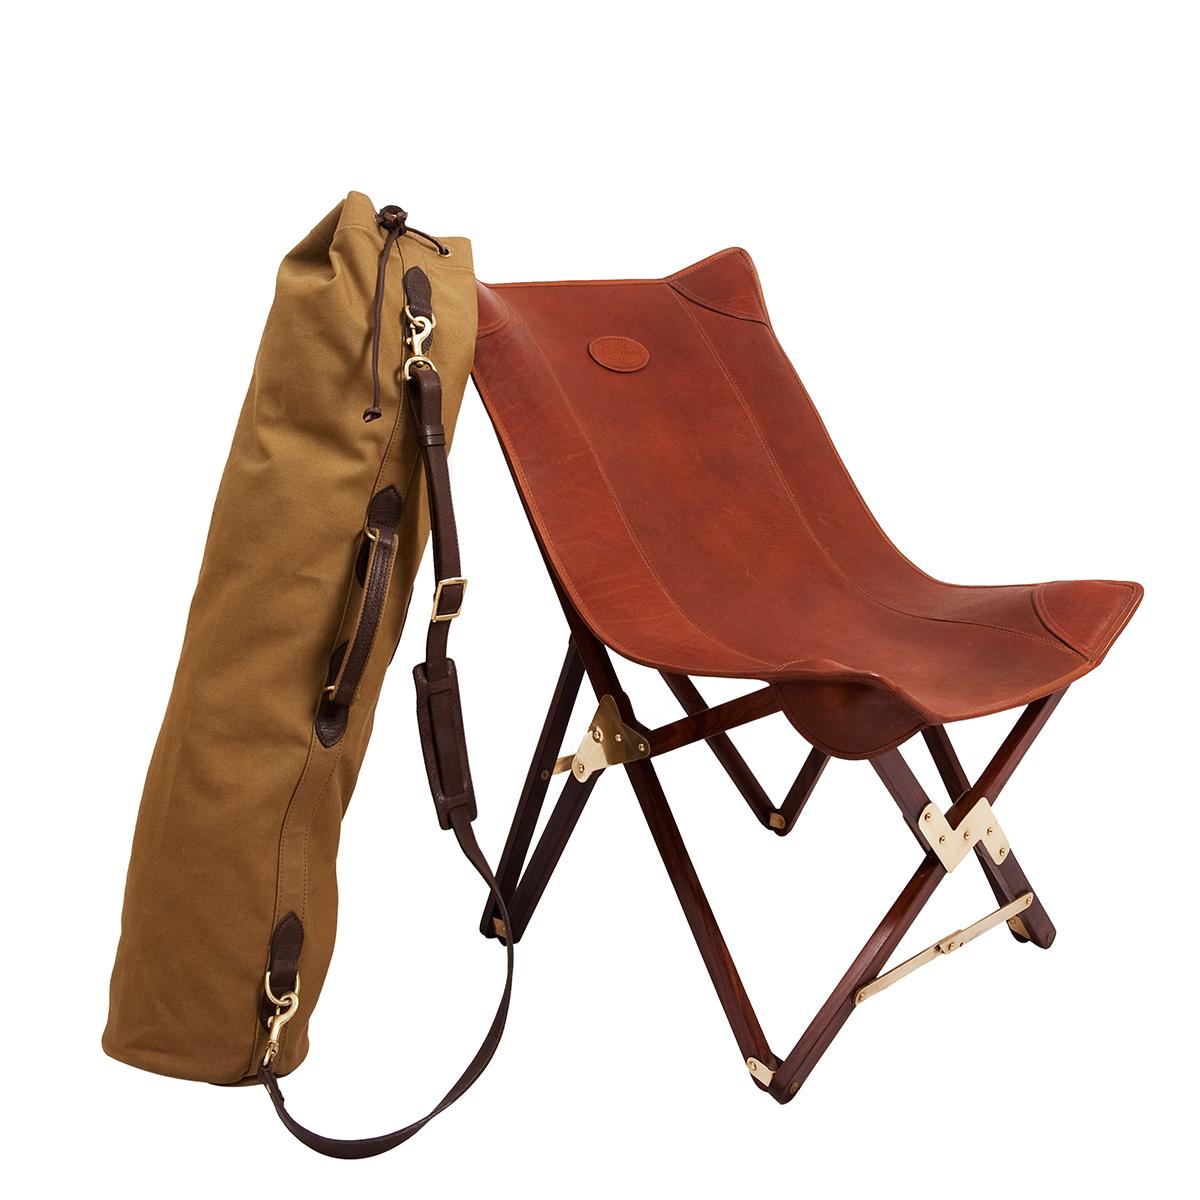 Martin Chair